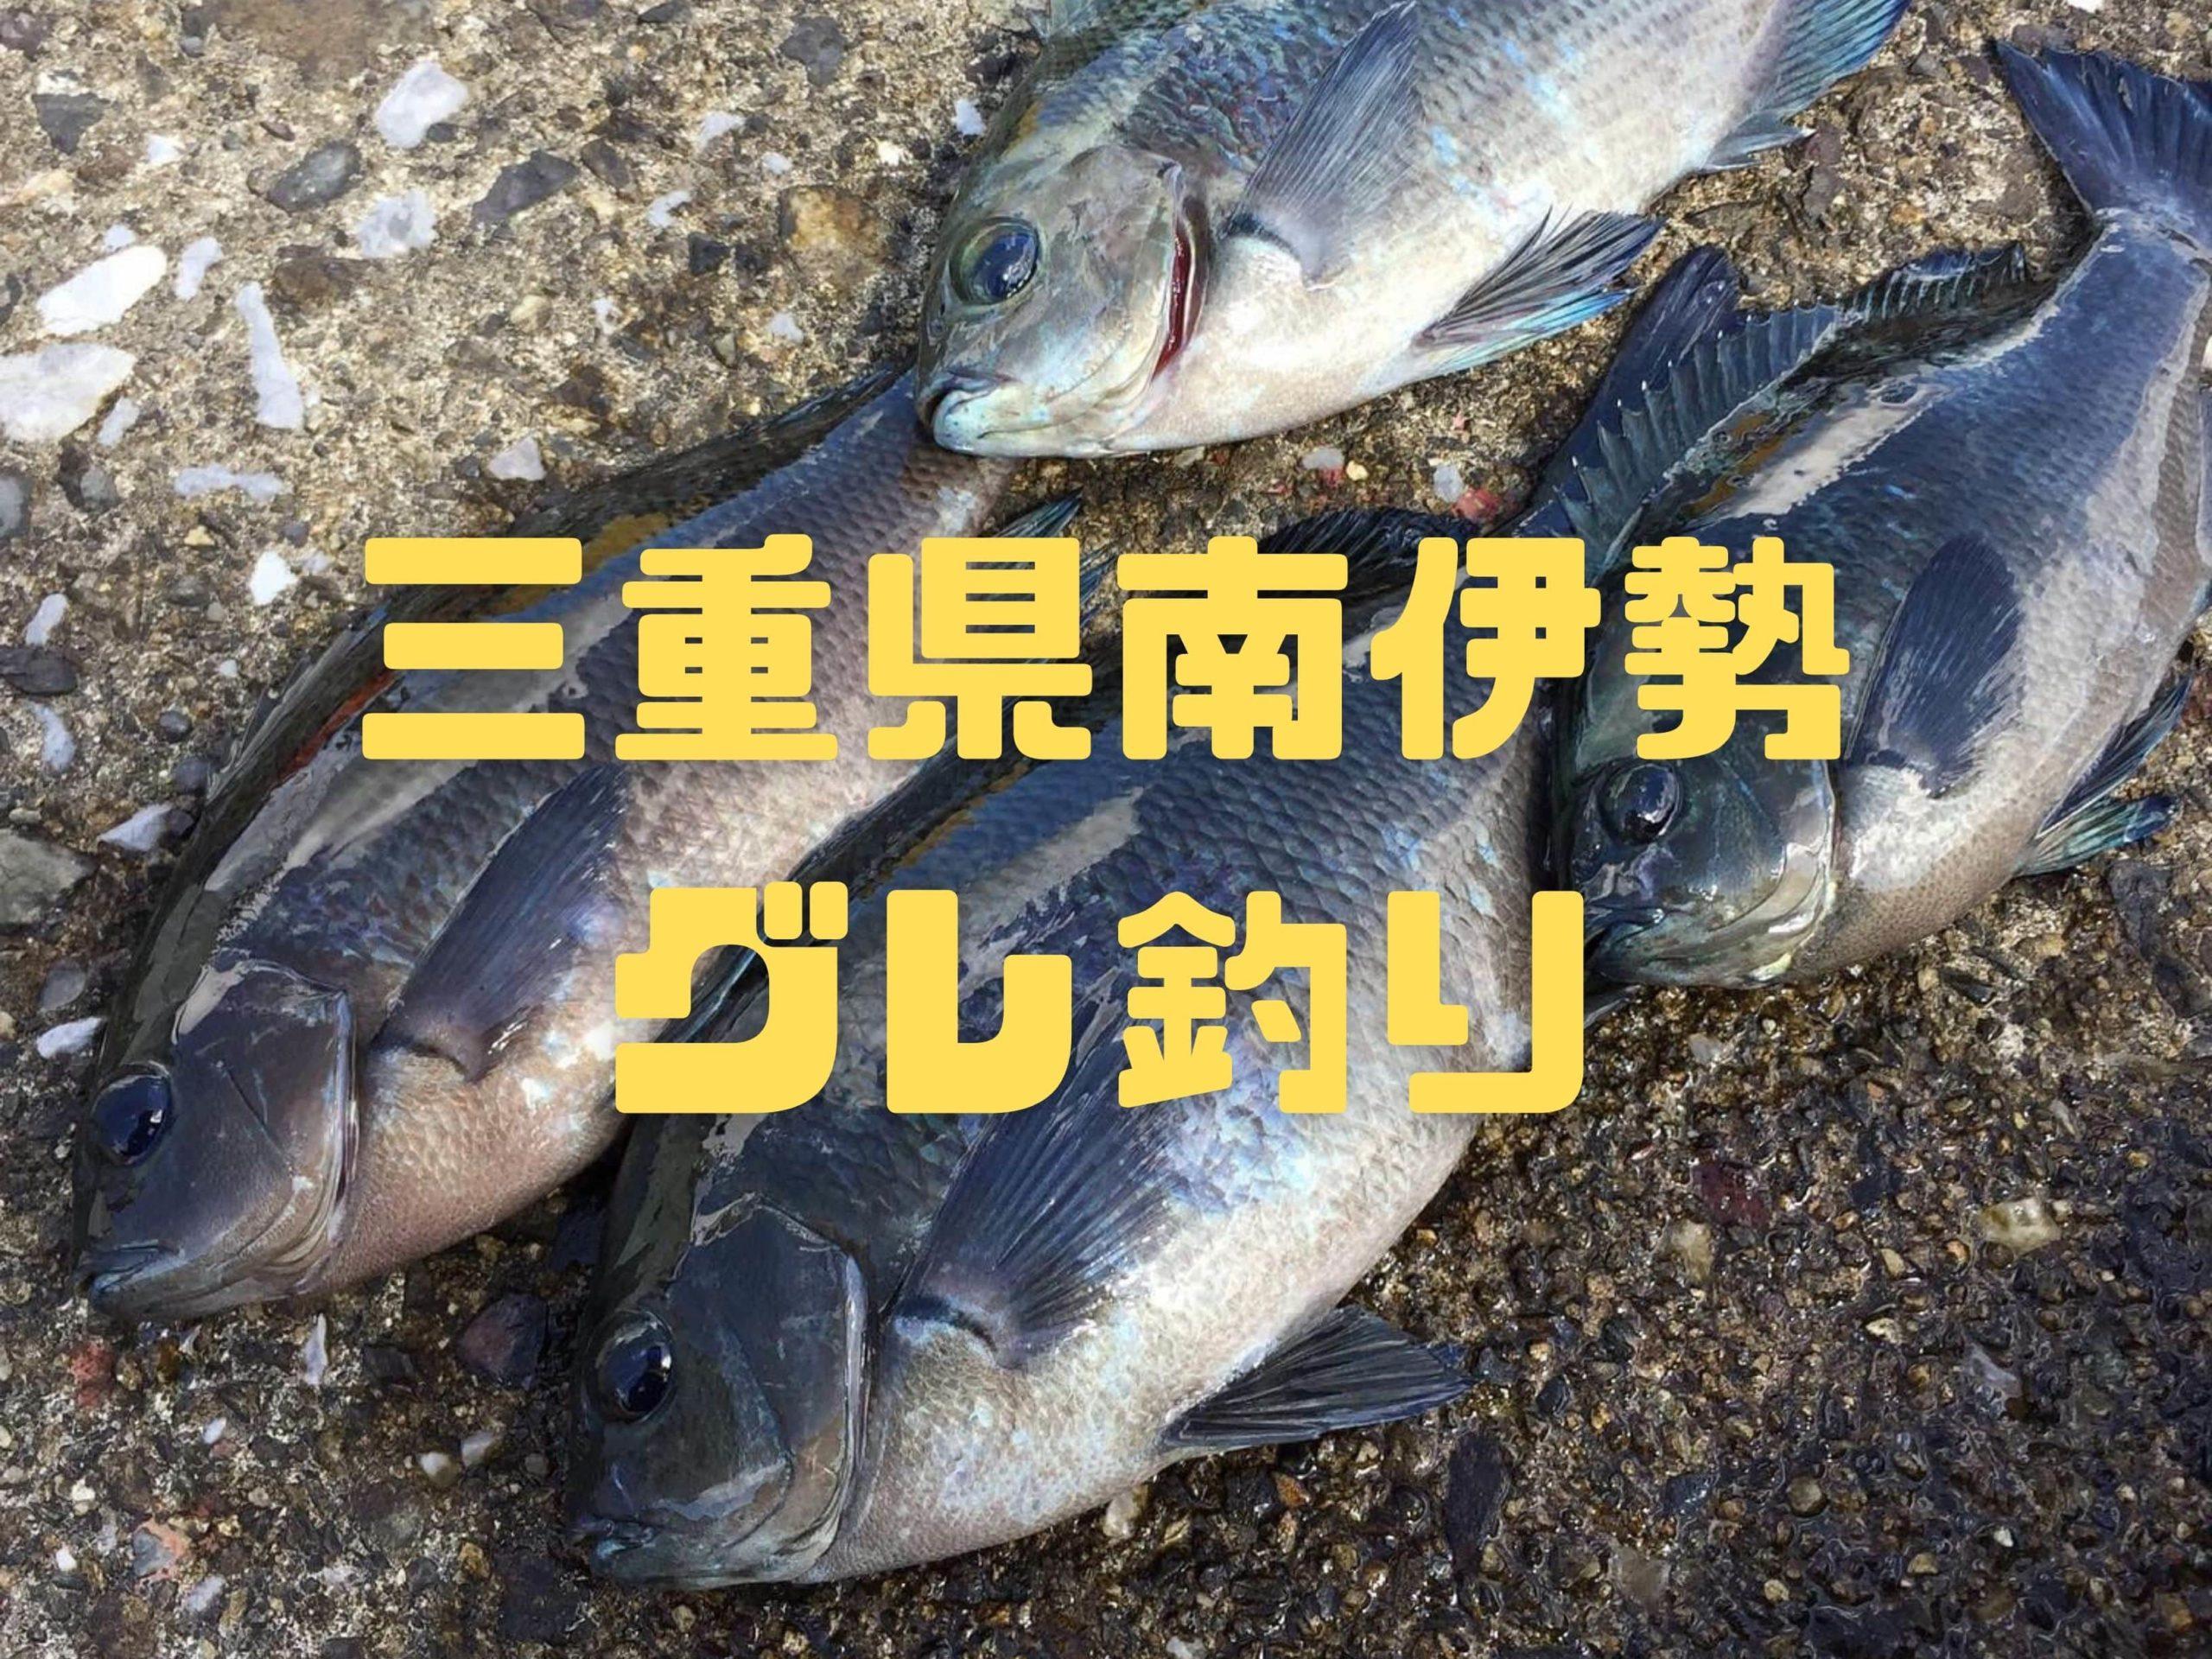 【2020年10月】三重県南伊勢にフカセ釣りでグレを釣りにいってきました